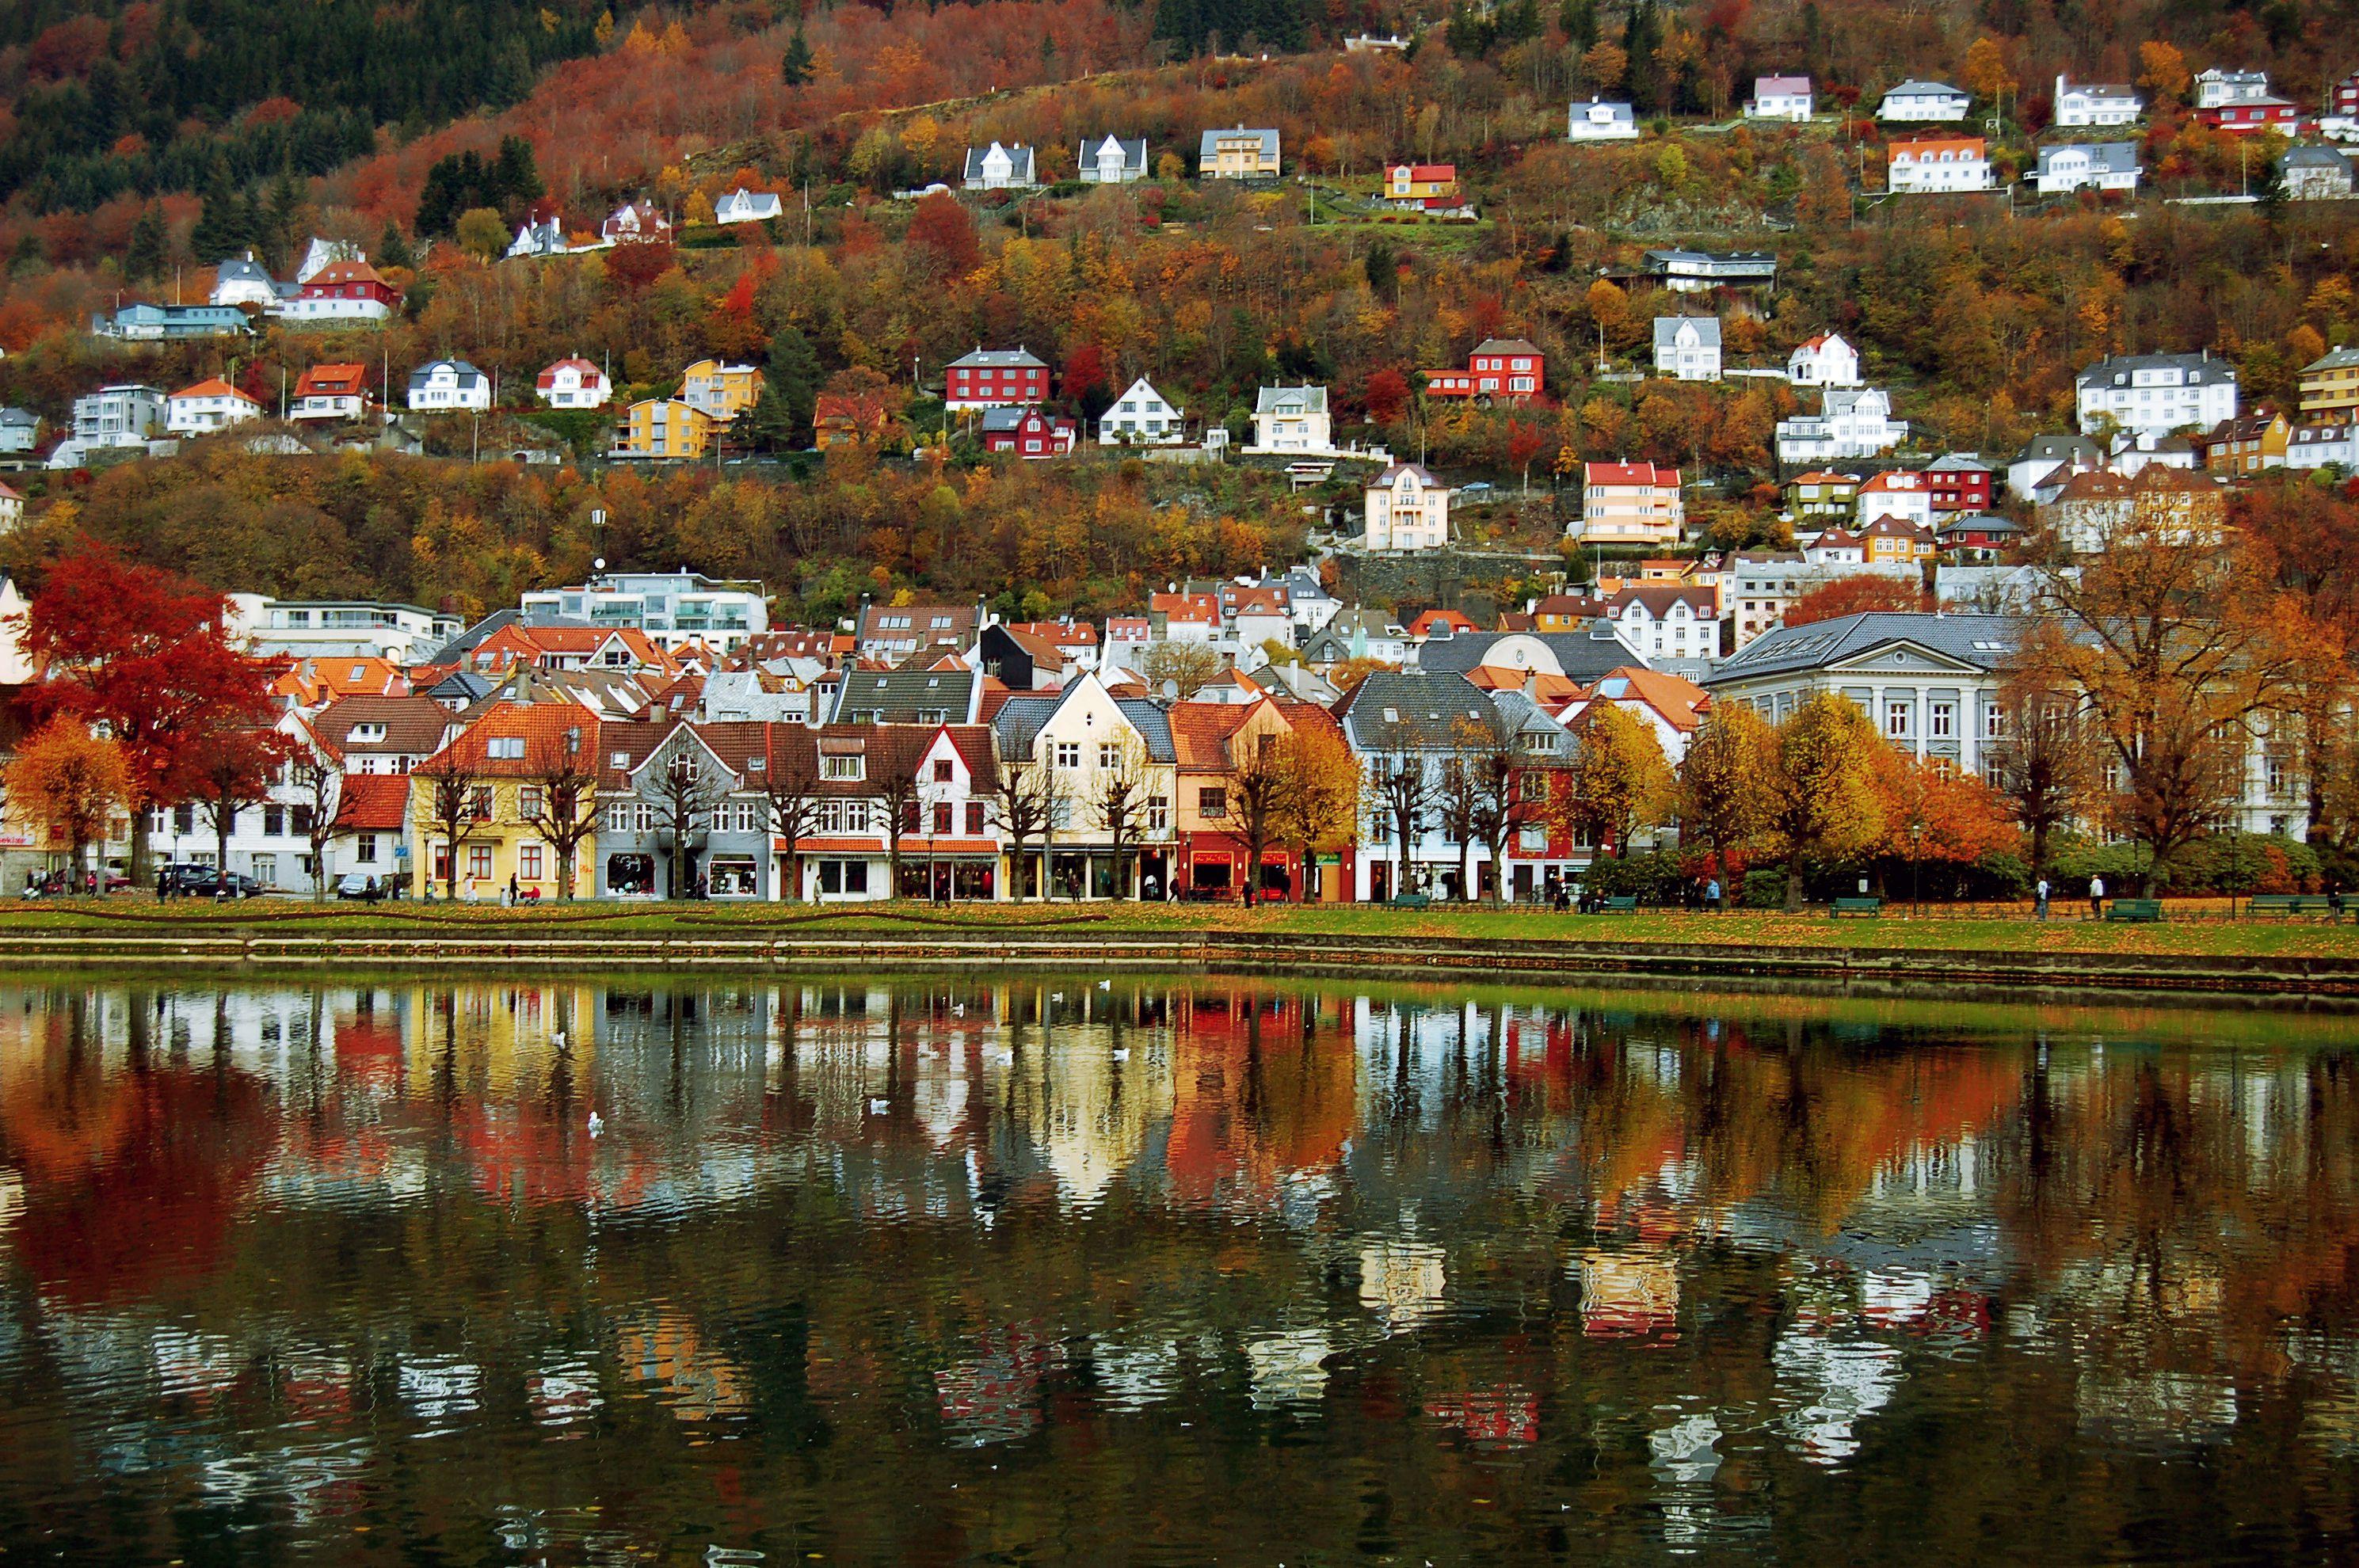 Lille Lungegårdsvann, Bergen, Norway